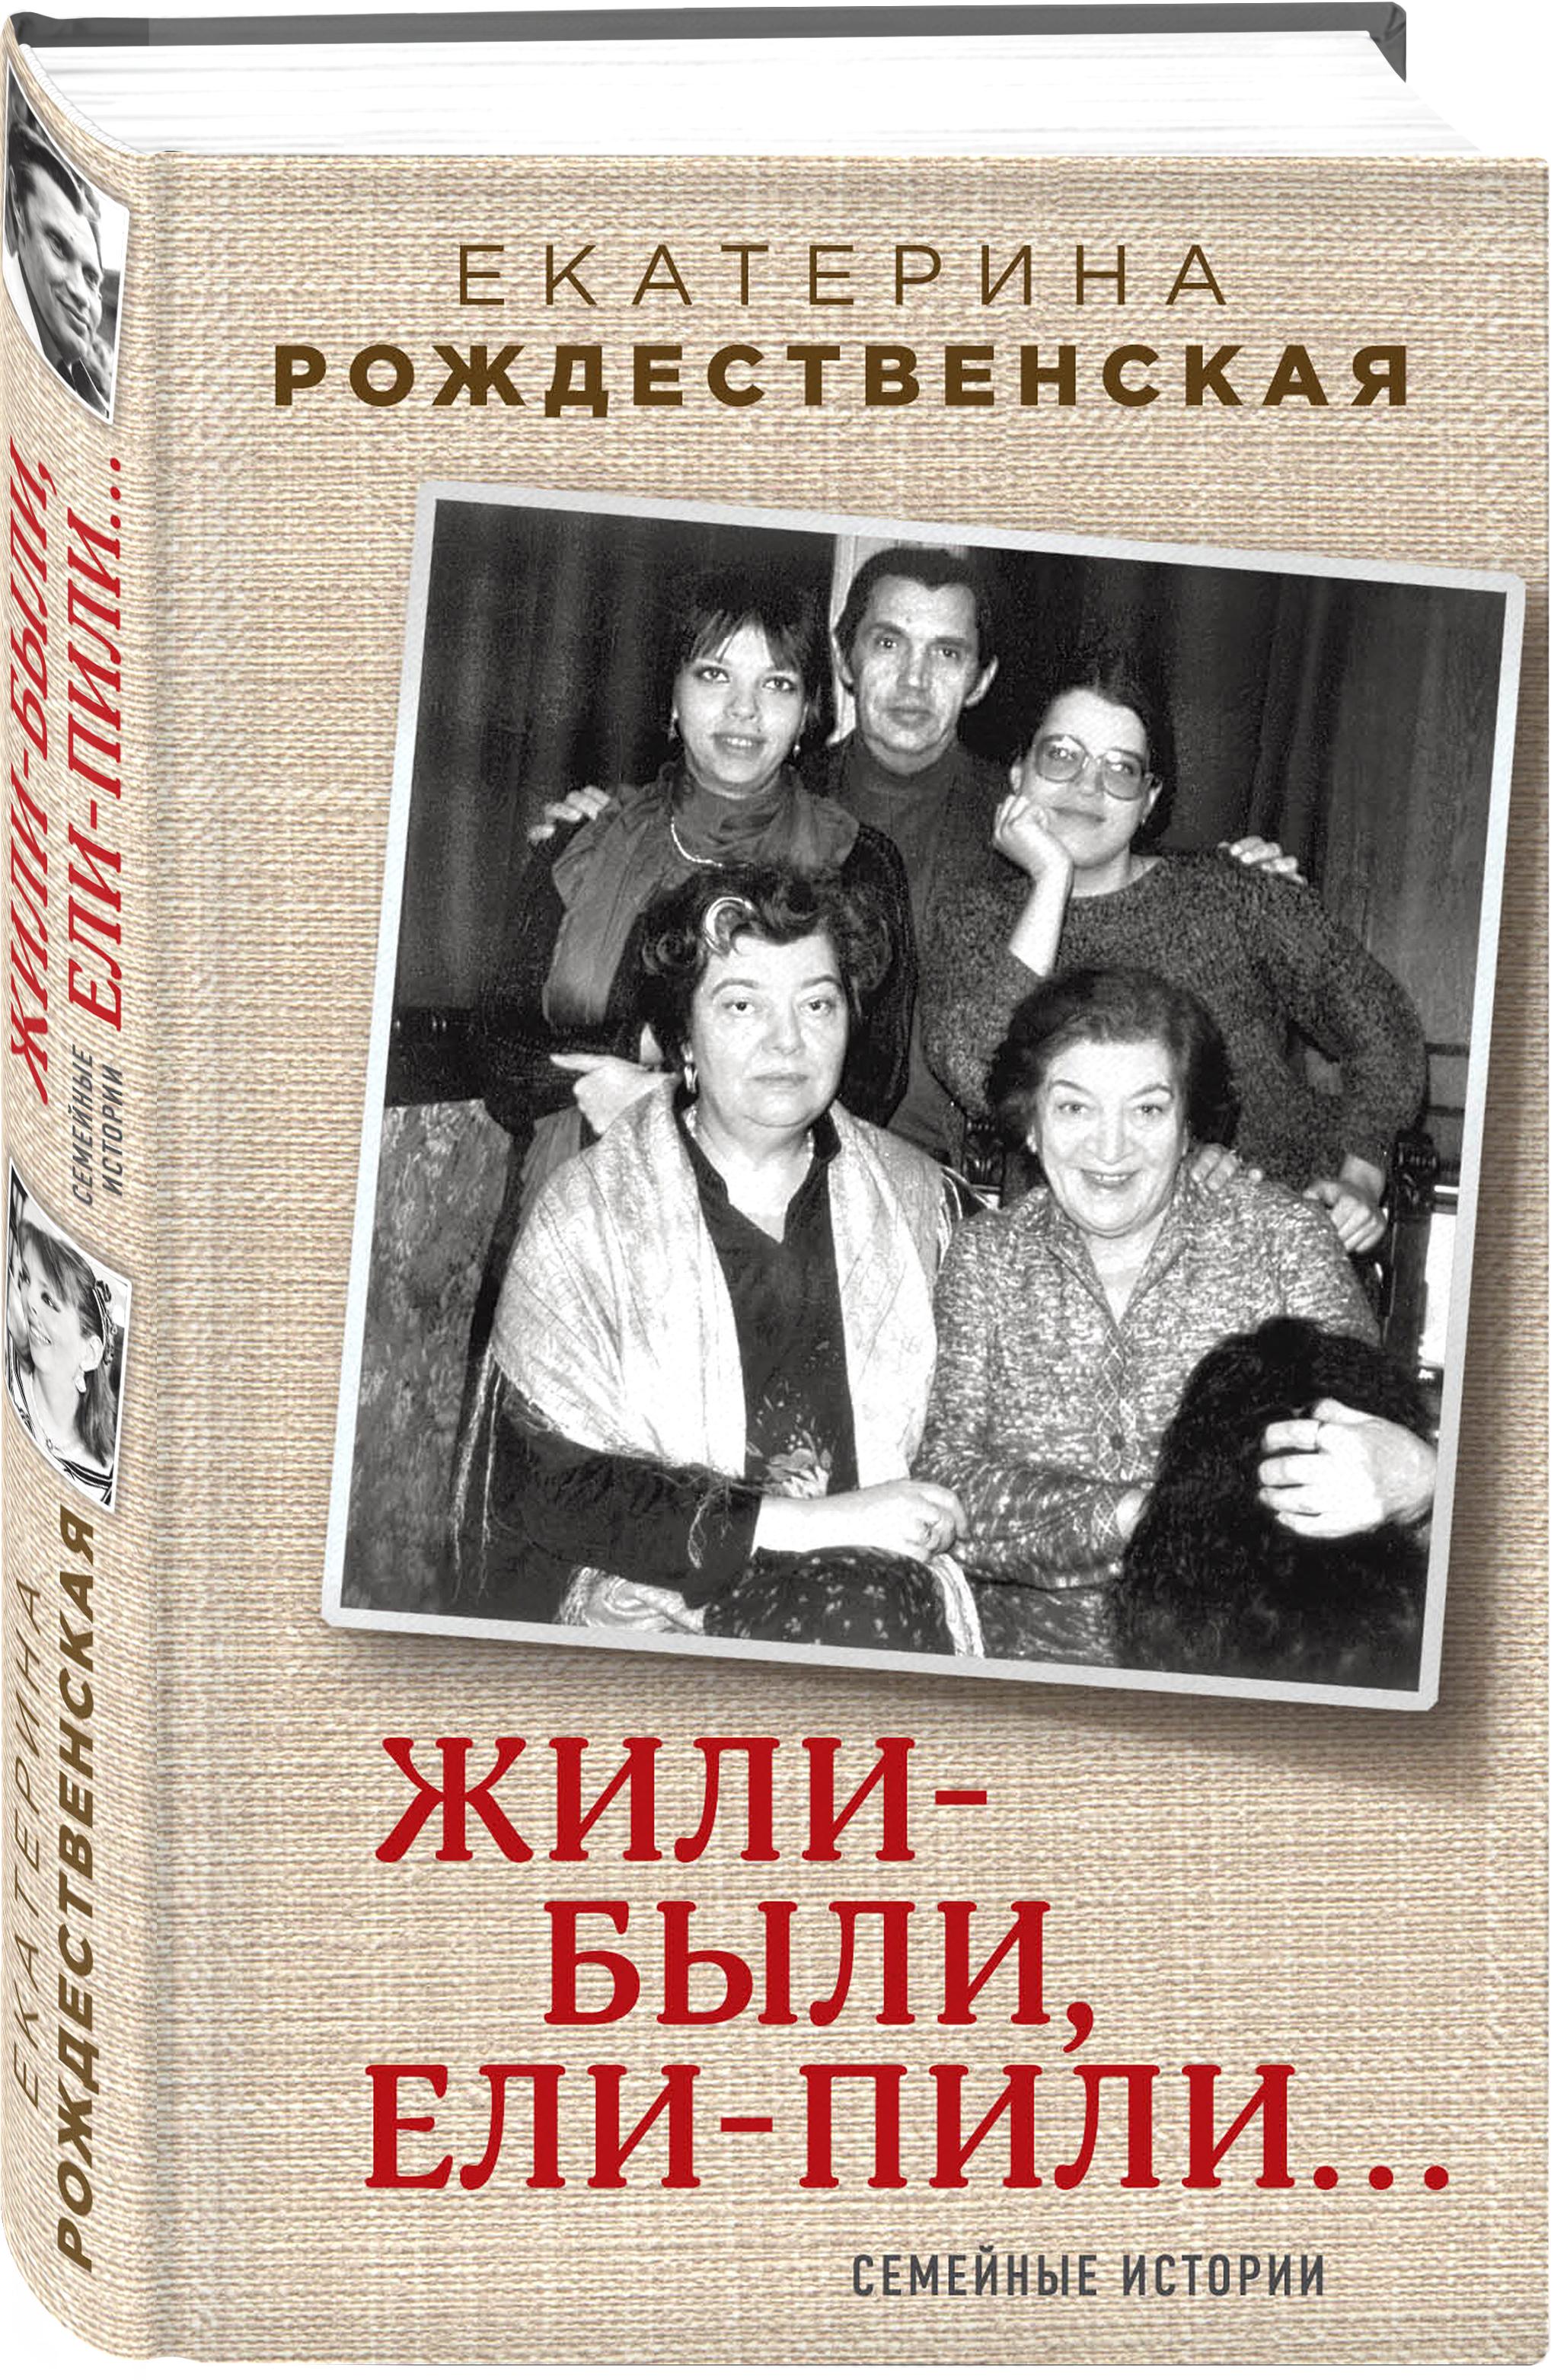 Рождественская Е.Р. Жили-были, ели-пили. Семейные истории ISBN: 978-5-04-089561-8 рождественская е жили были ели пили семейные истории